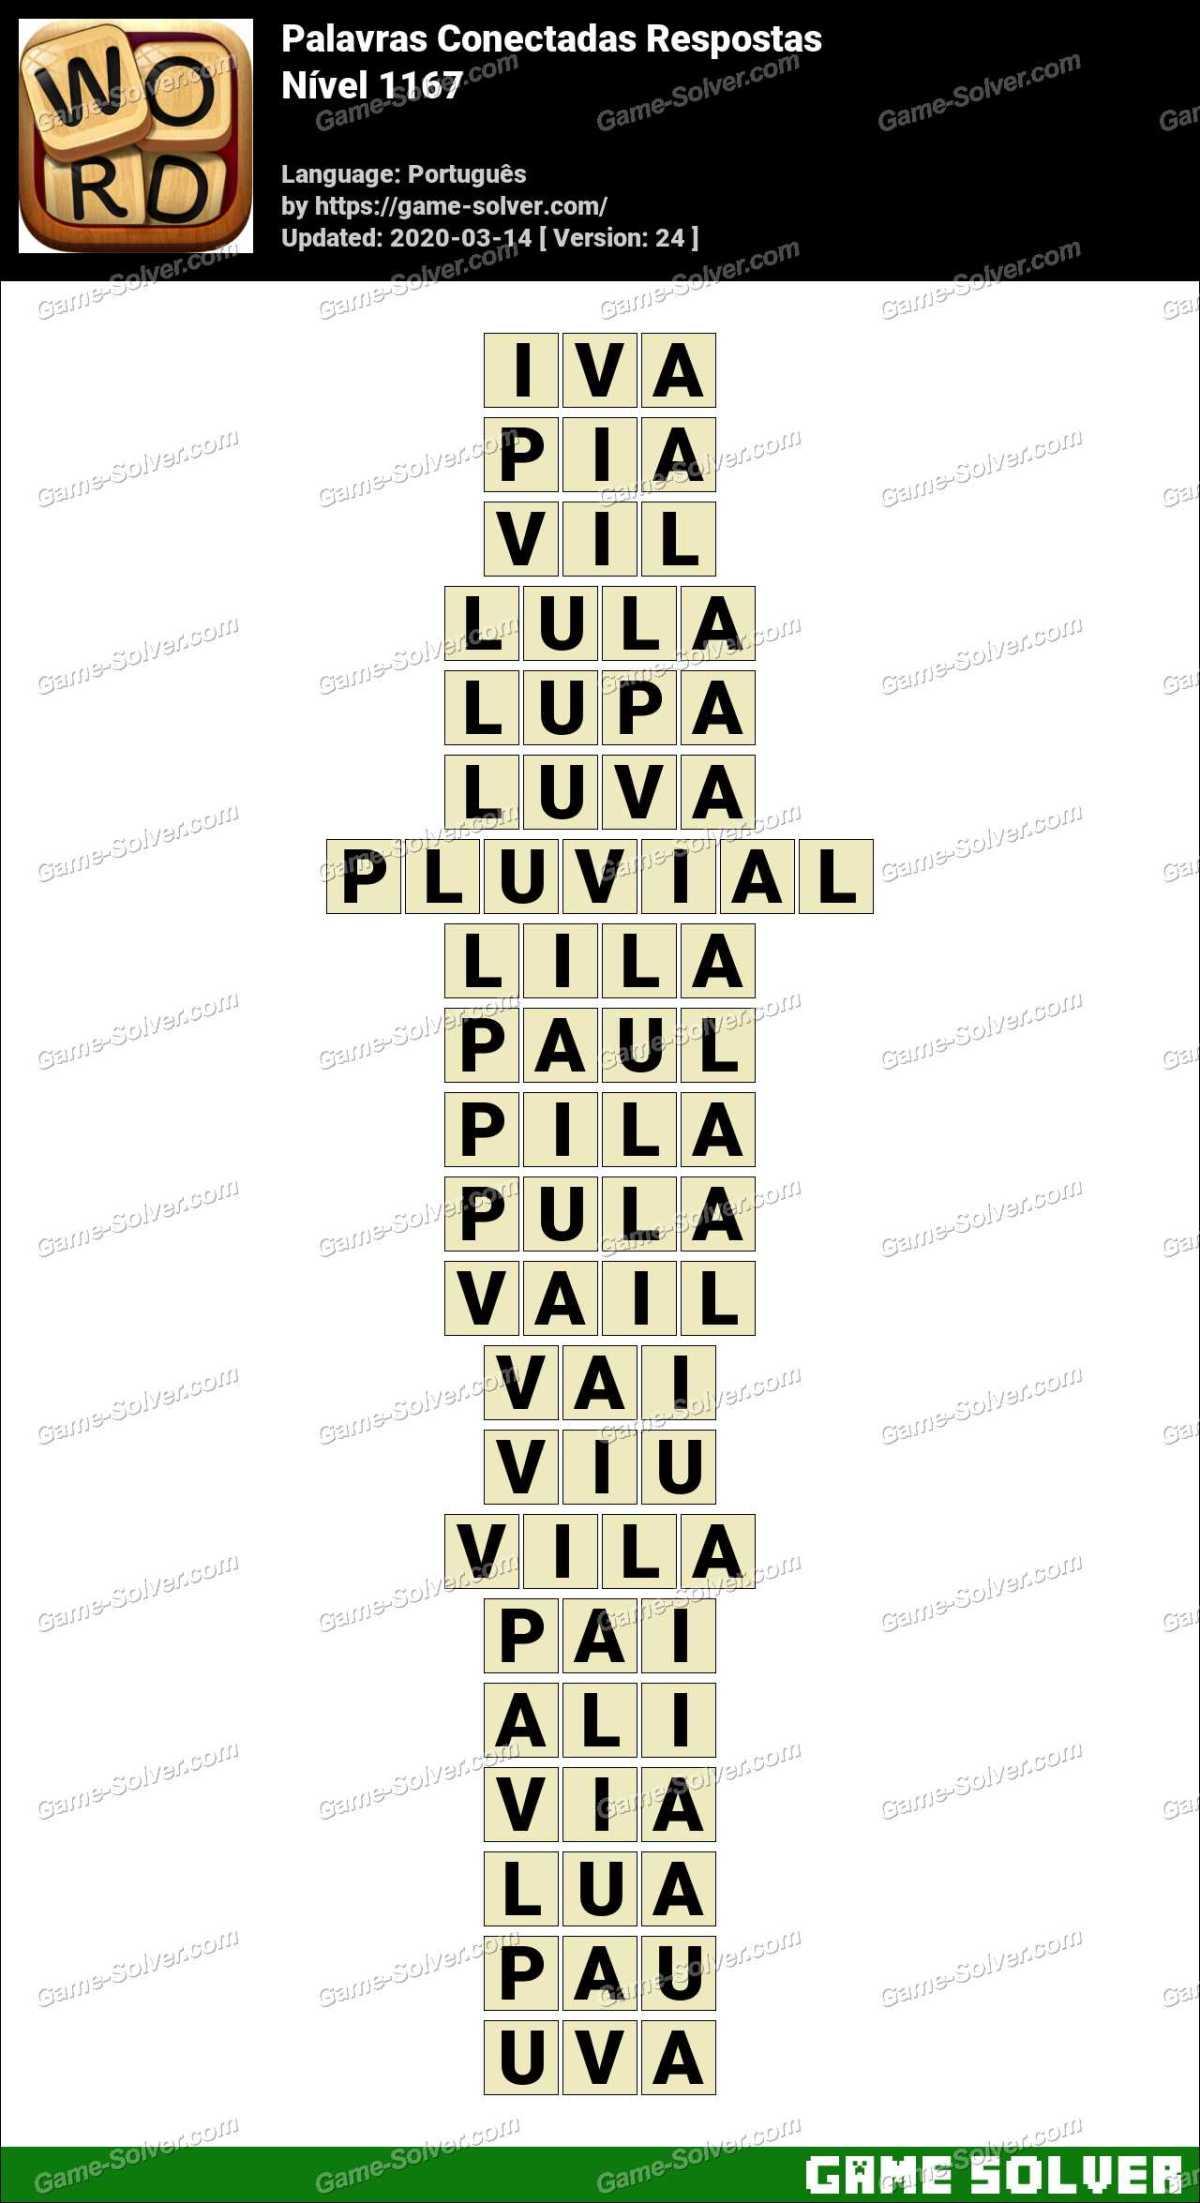 Palavras Conectadas Nivel 1167 Respostas